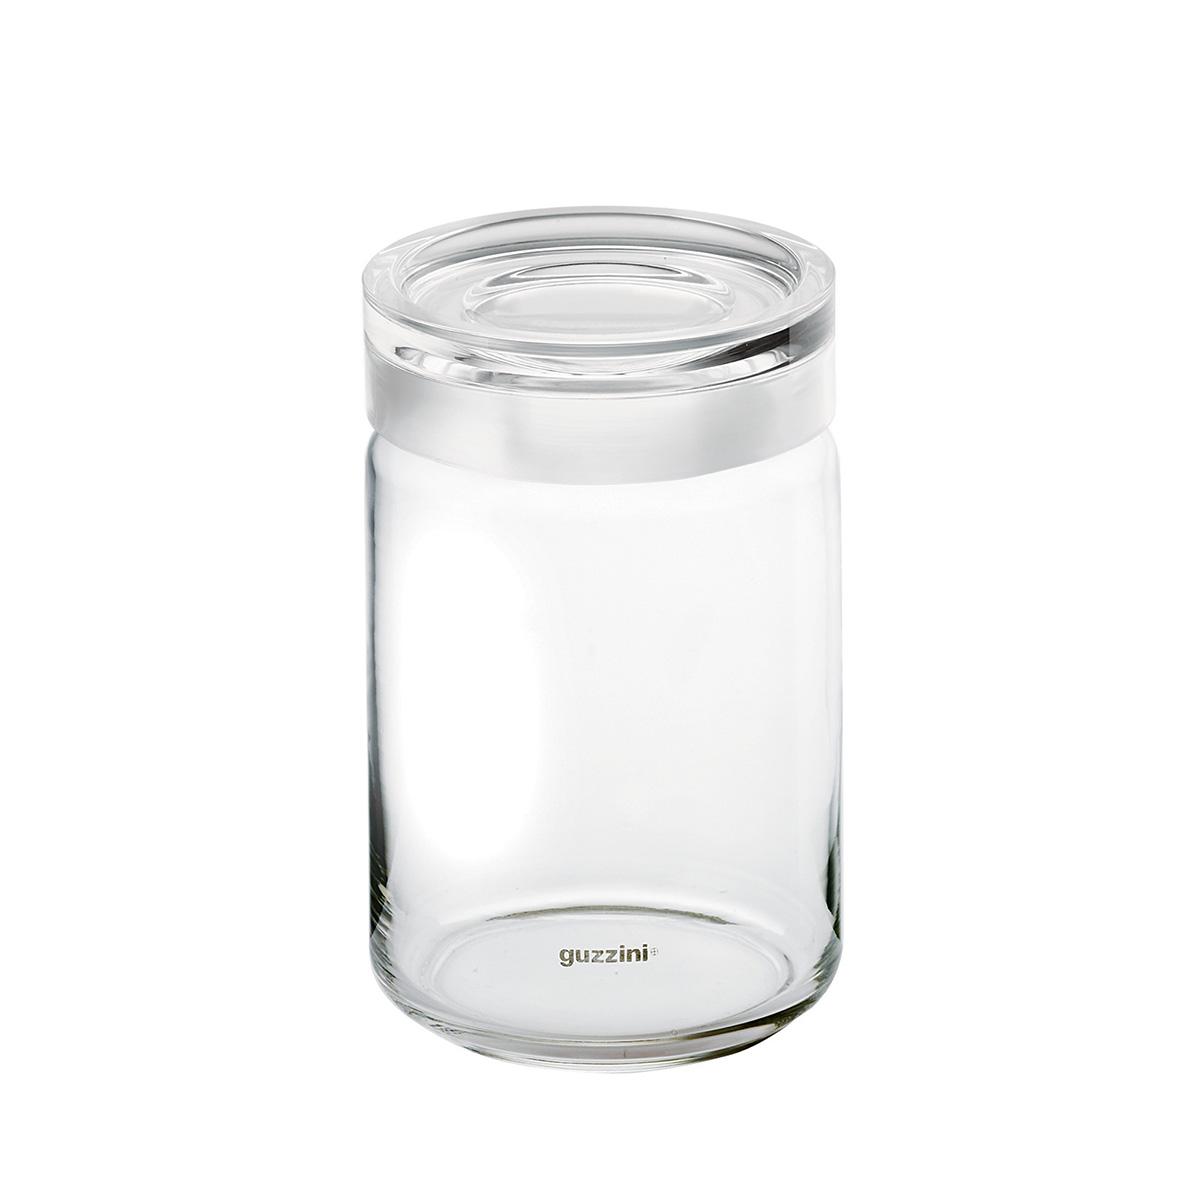 Staklena tegla JAR 1,5kg 2855.22.00 transparentna